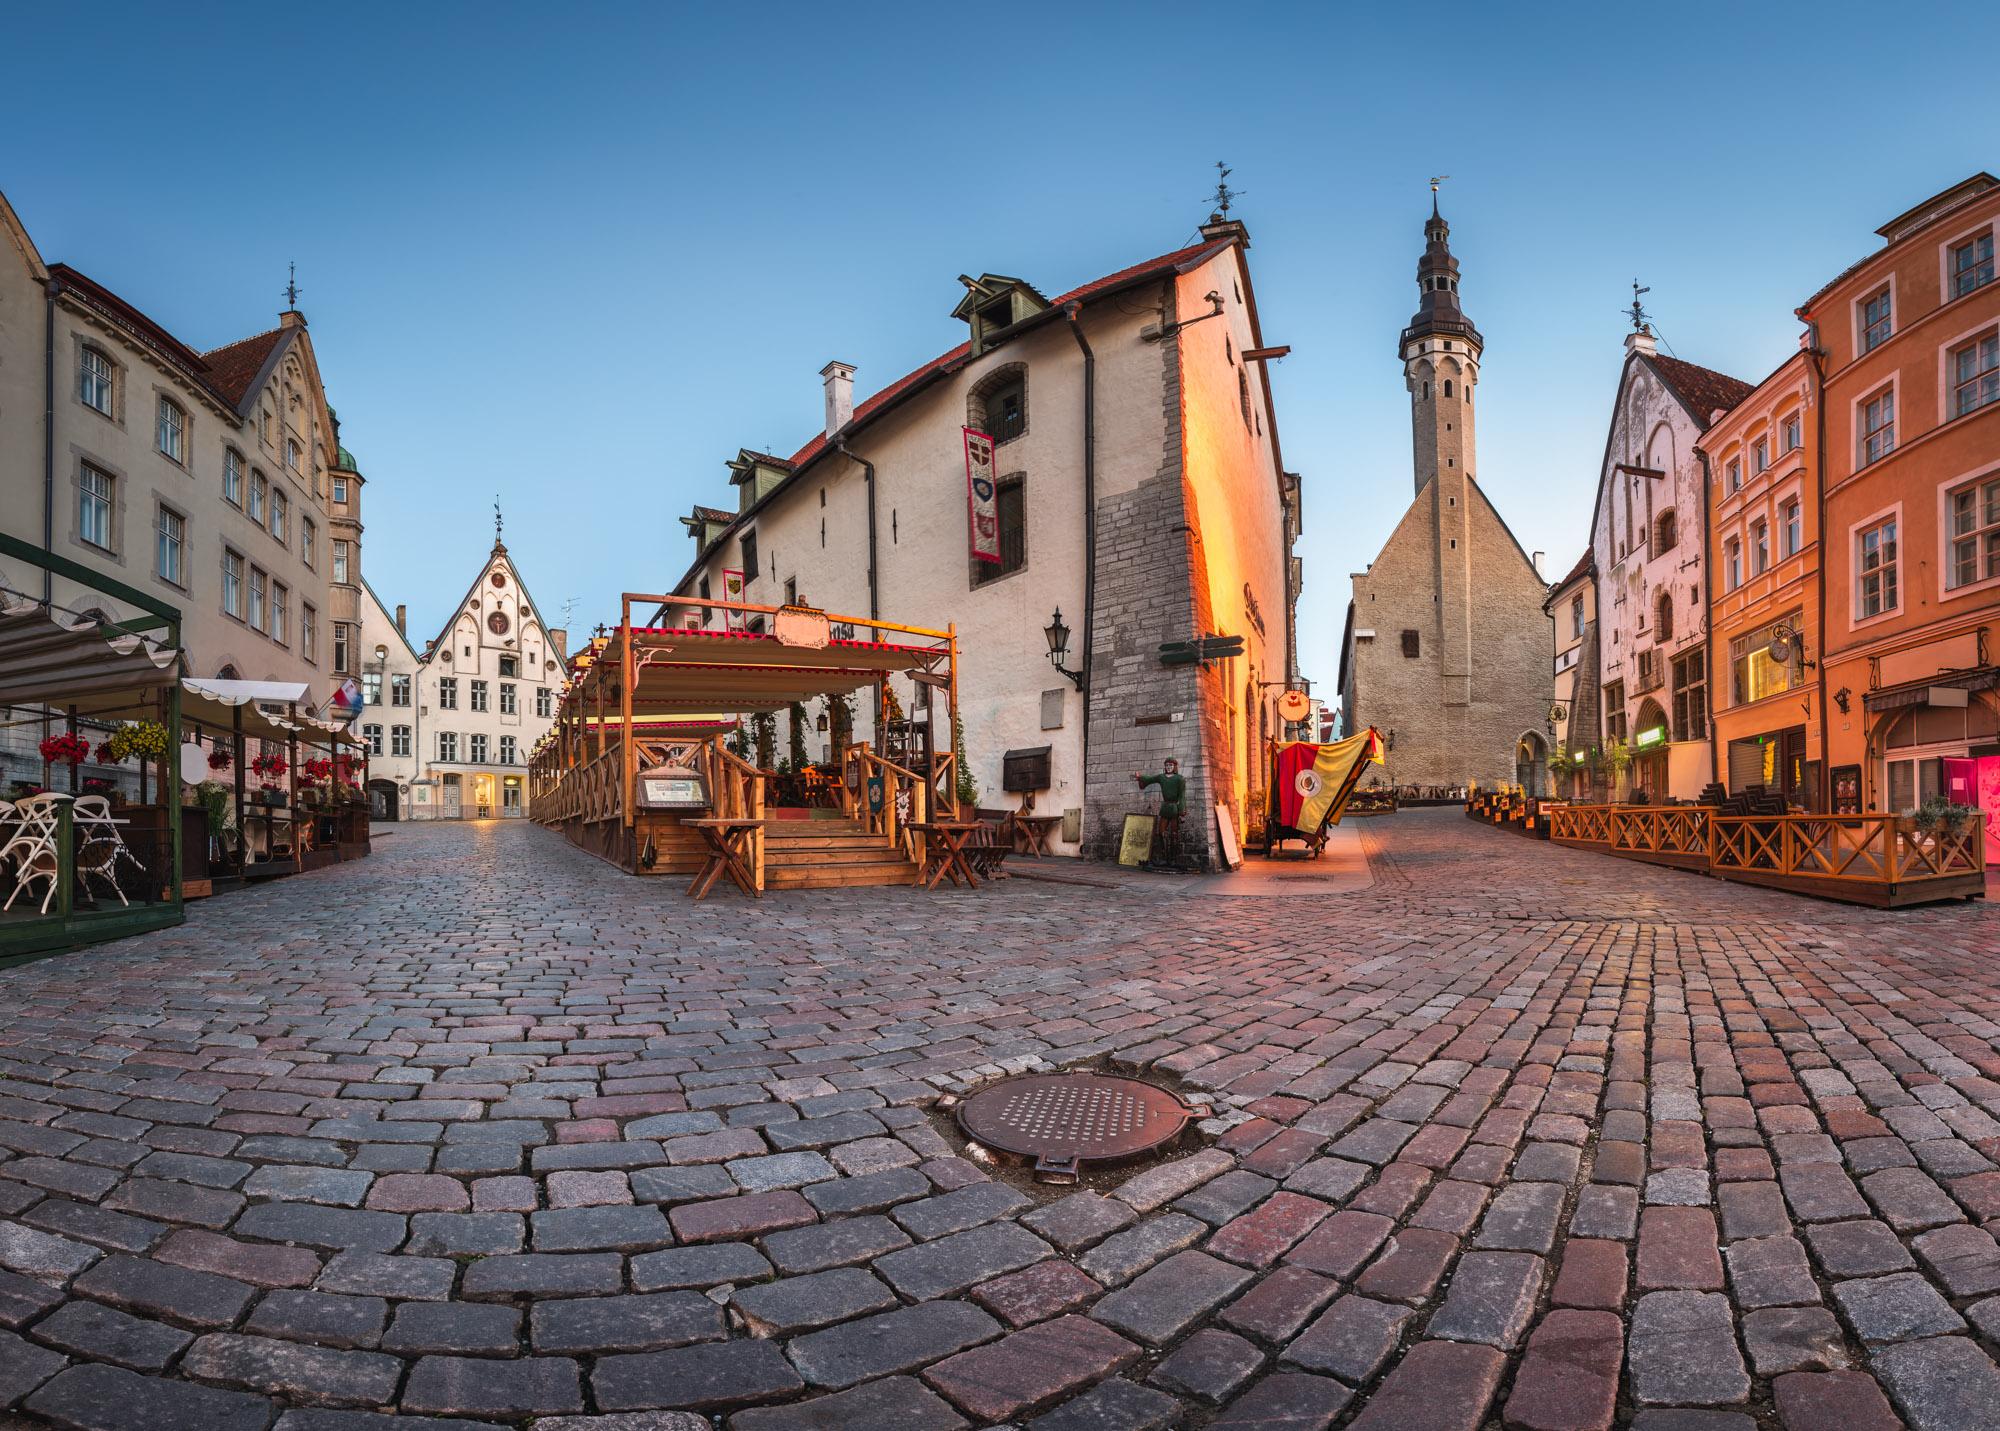 Town Hall and Olde Hansa Restaurant, Tallinn, Estonia